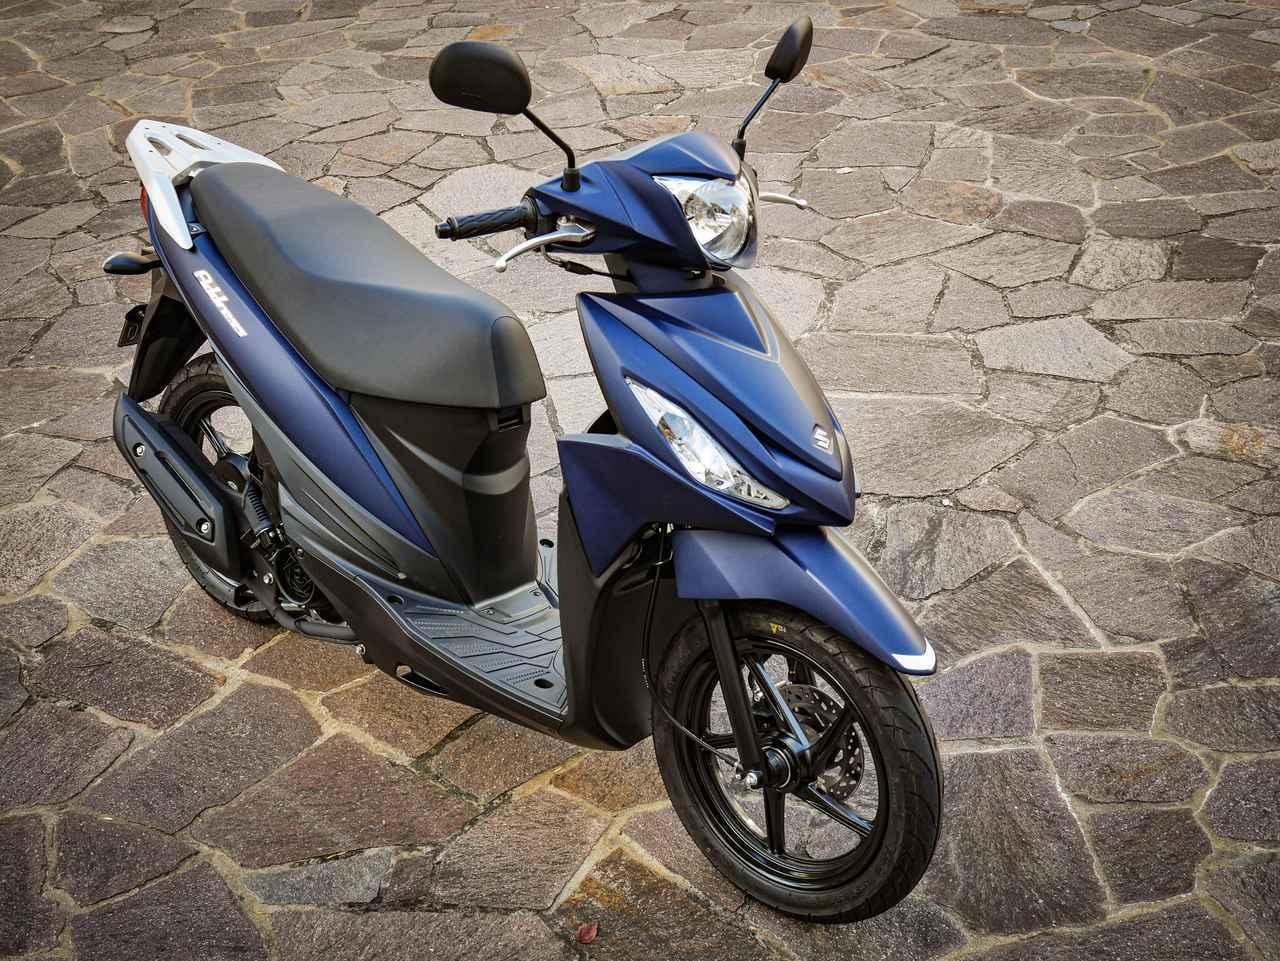 画像: 125ccじゃない? 110ccの原付二種スクーター『アドレス110』が存在する理由は?